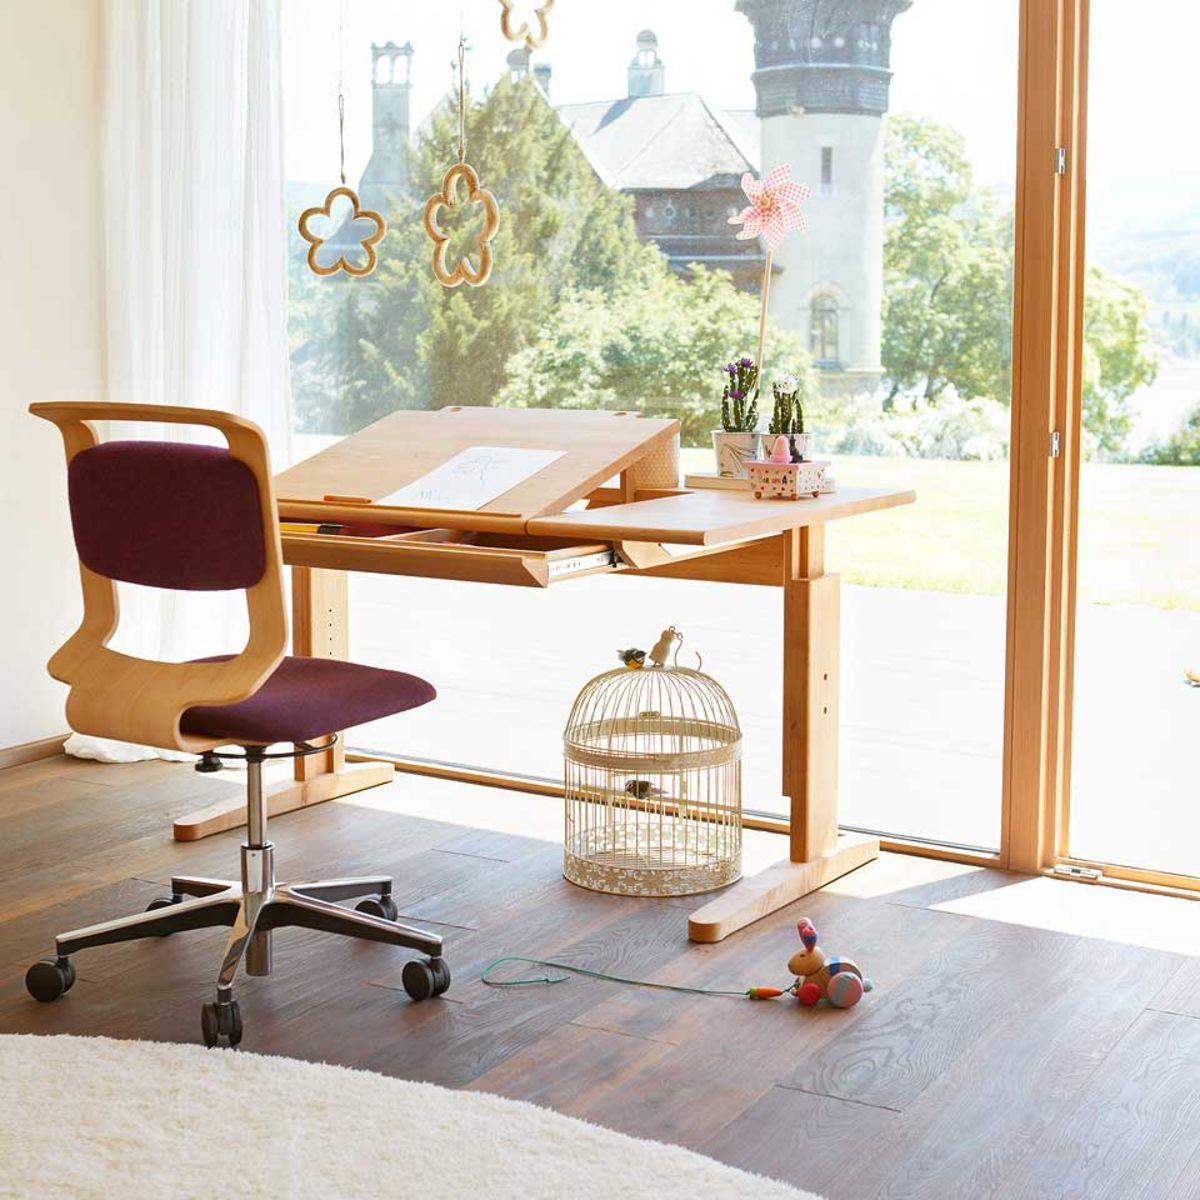 mobile Schreibtisch und Drehstuhl von TEAM 7 Wels